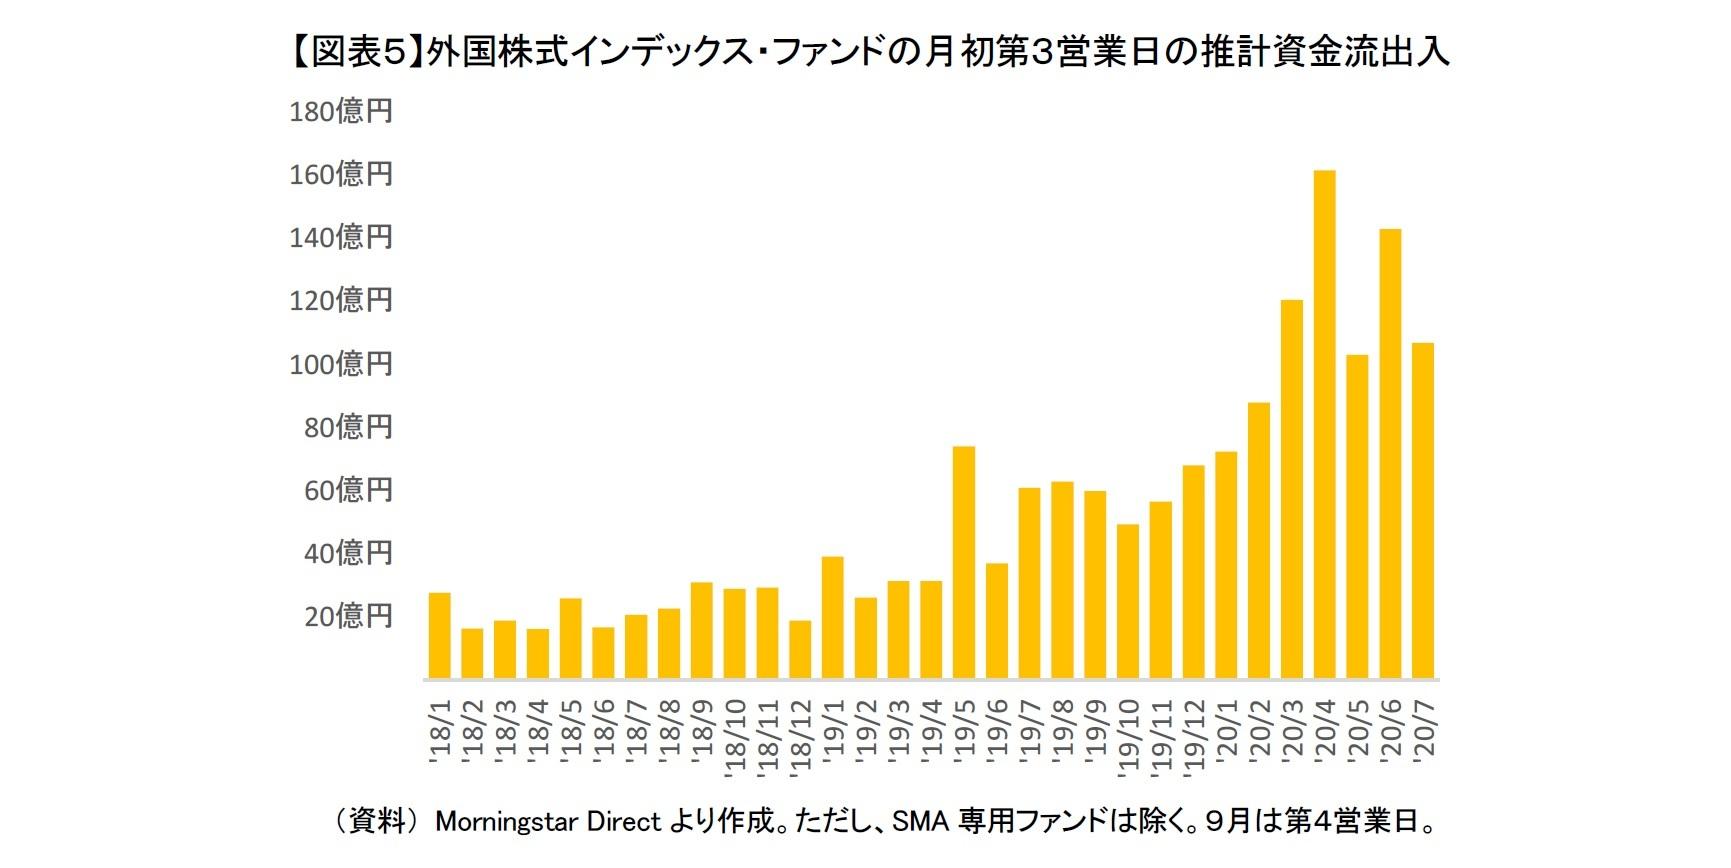 【図表5】外国株式インデックス・ファンドの月初第3営業日の推計資金流出入